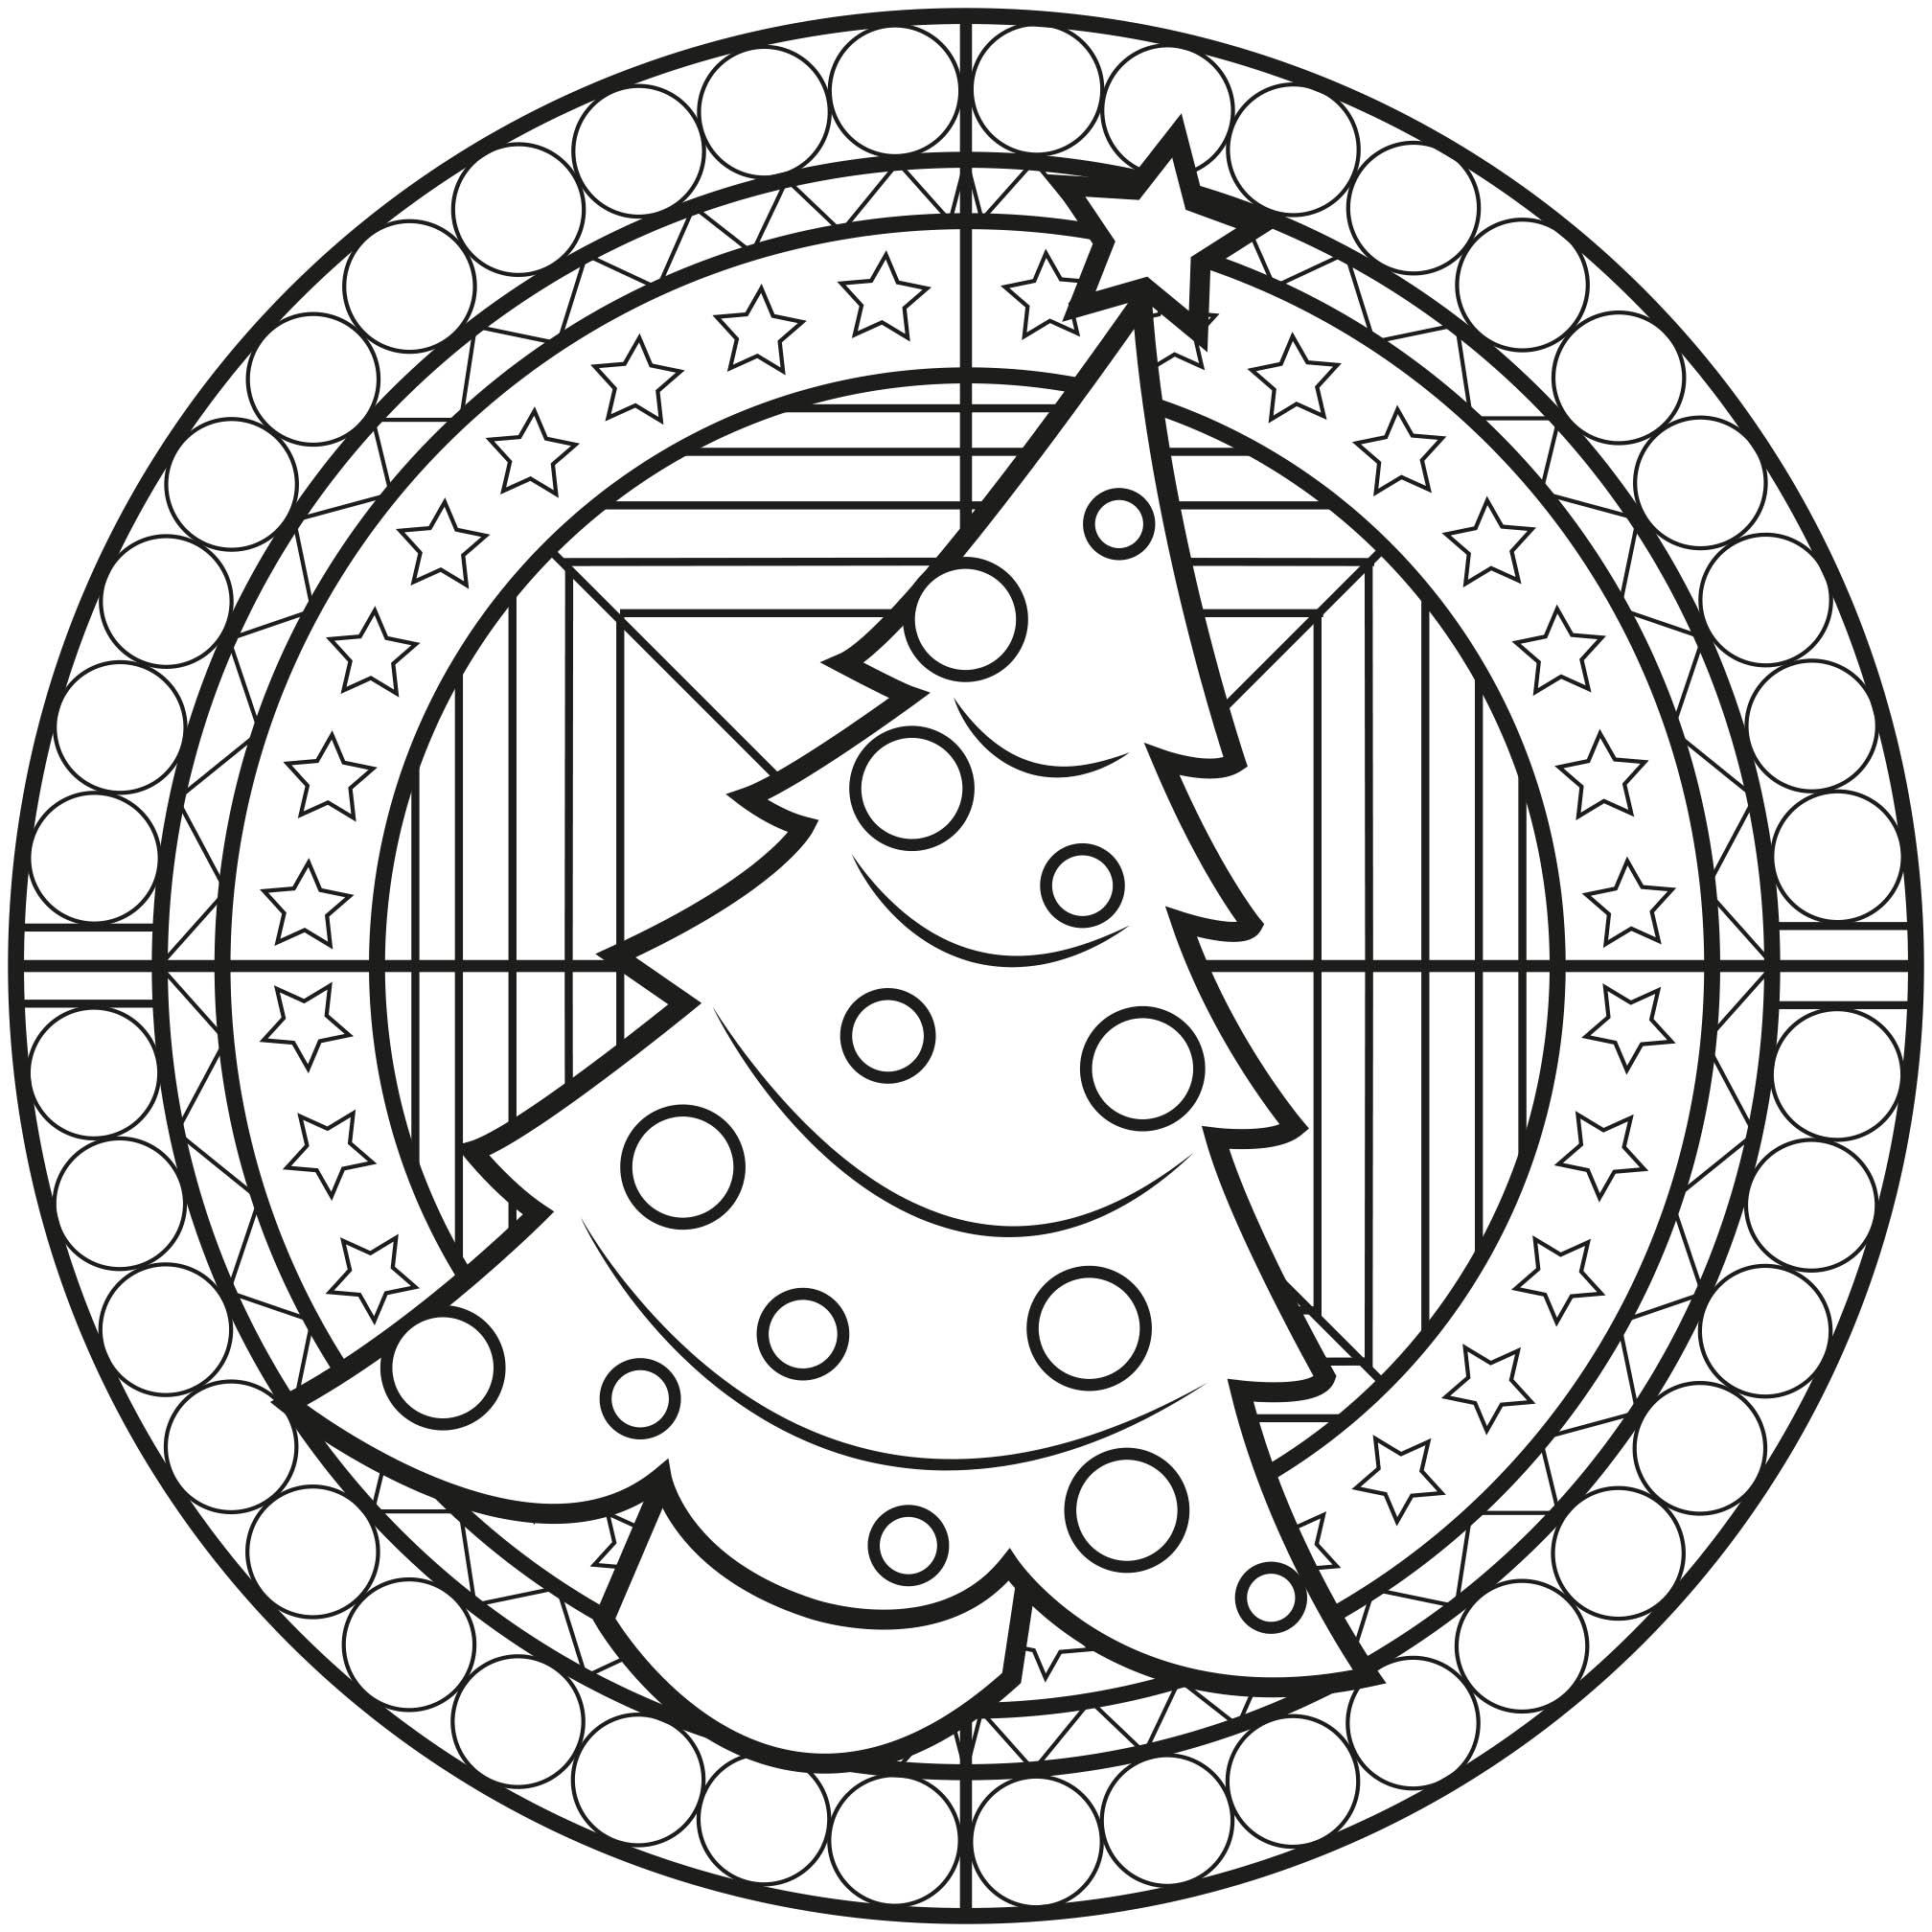 Noël arrive, se met dans l'ambiance avec ce mandala spécial Noël